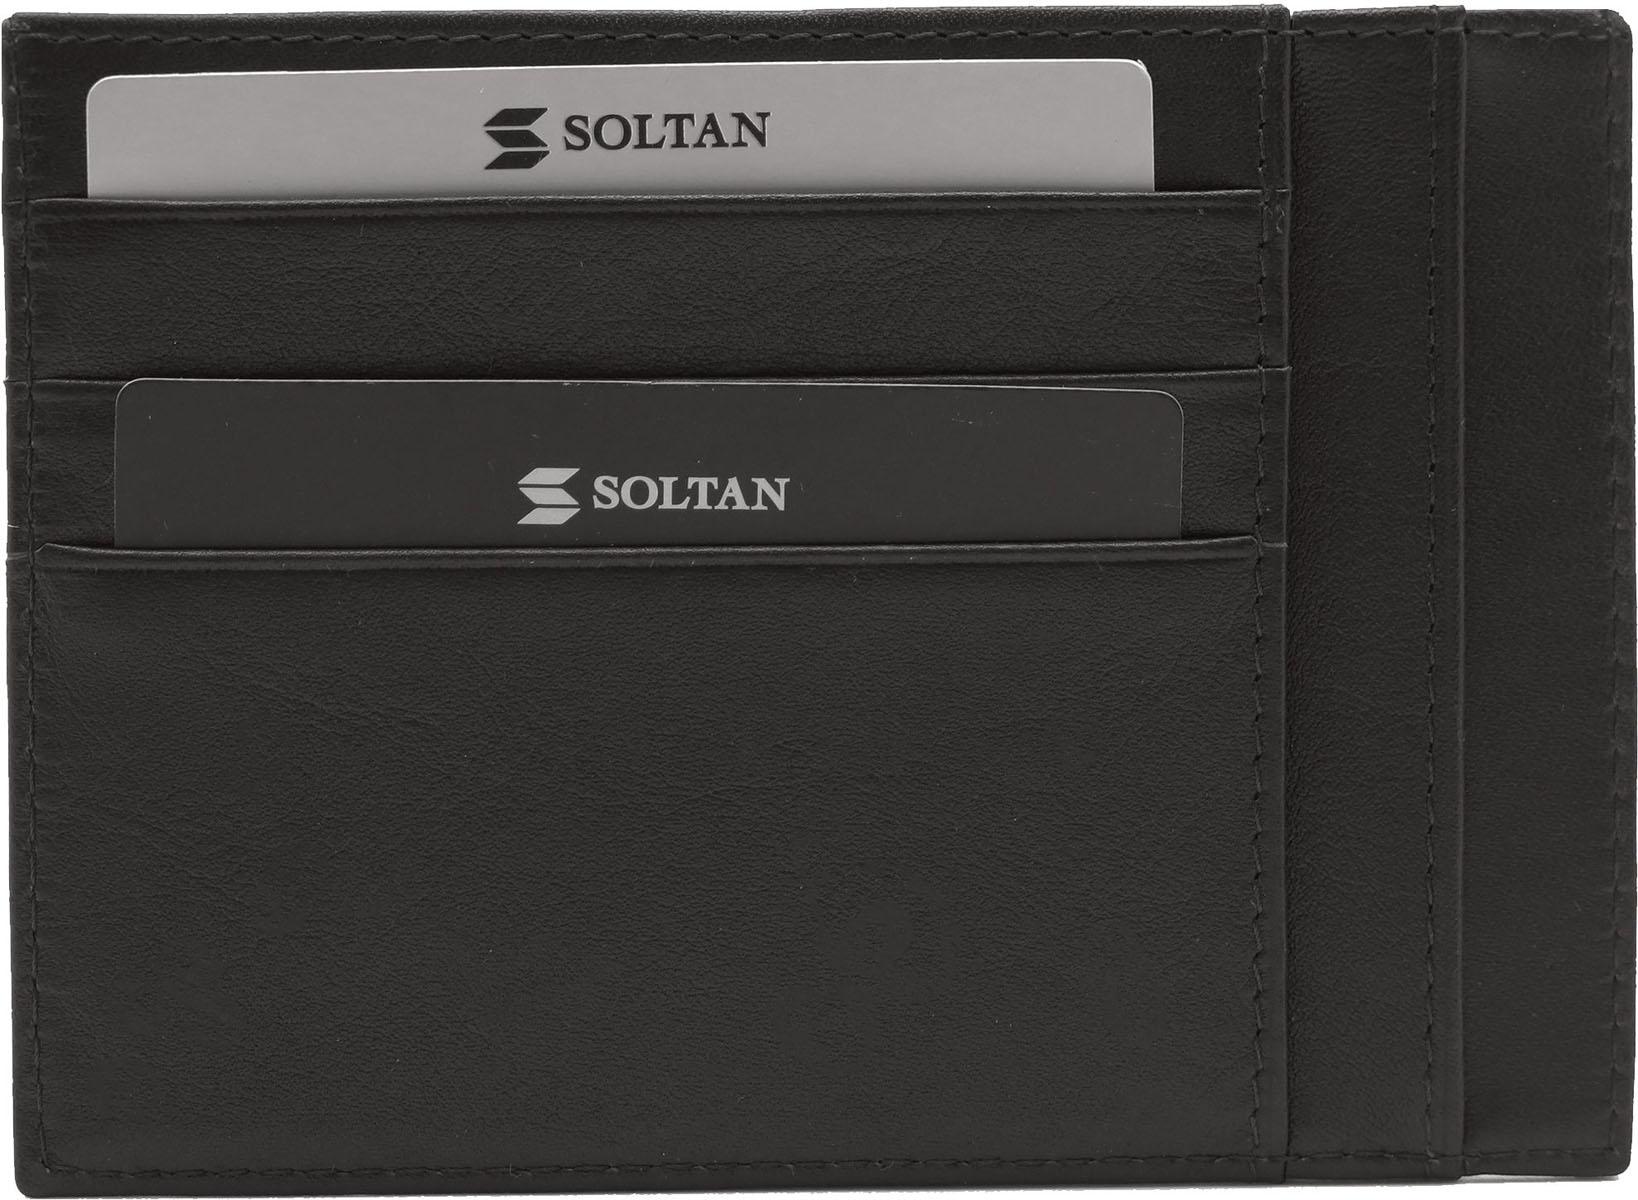 Футляр для кредитных карт Soltan, цвет: темно-коричневый. 061 01 03A52_108Плоский футляр для автодокументов или кредиток Soltan выполнен из натуральной кожи. Модель имеет 6 кармашков для карточек, 5 карманов для документов.